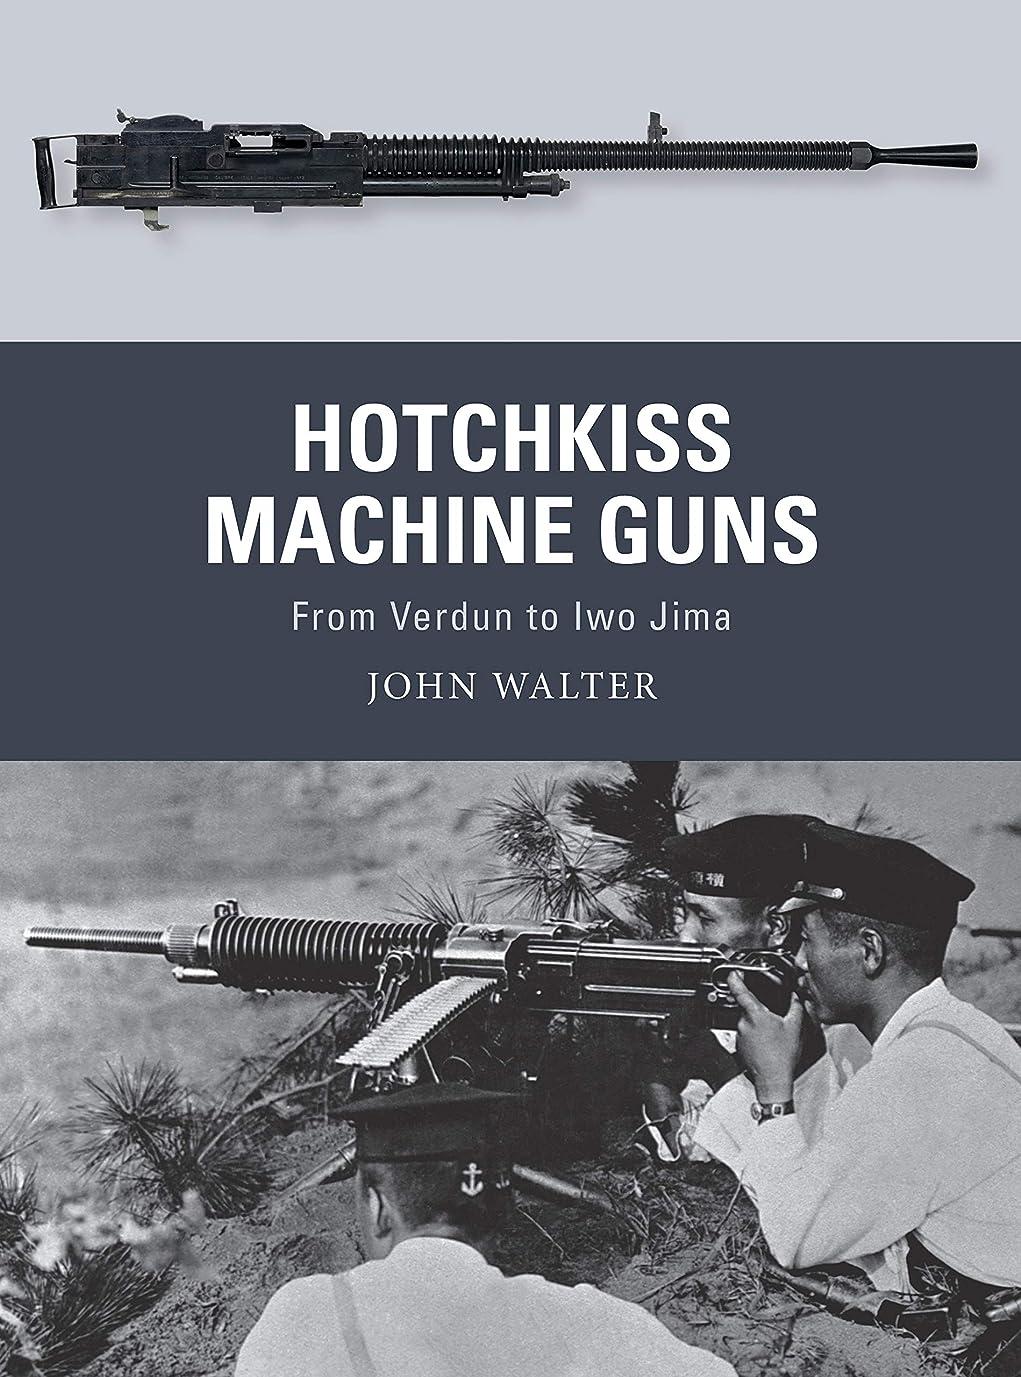 円周ソロチョップHotchkiss Machine Guns: From Verdun to Iwo Jima (Weapon Book 71) (English Edition)